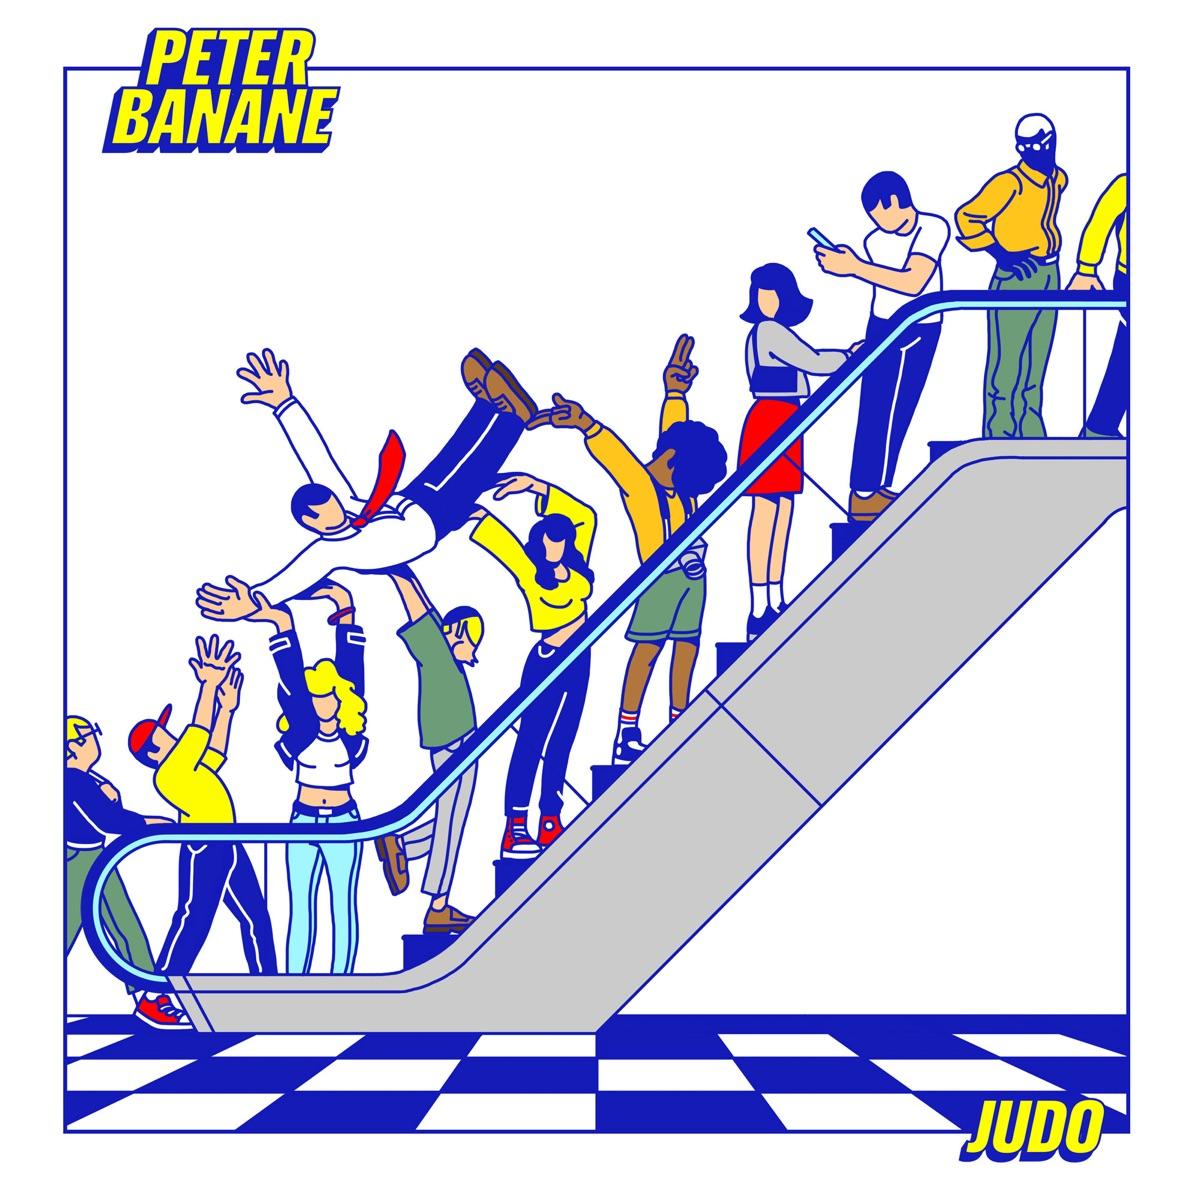 Peter Banane - Judo